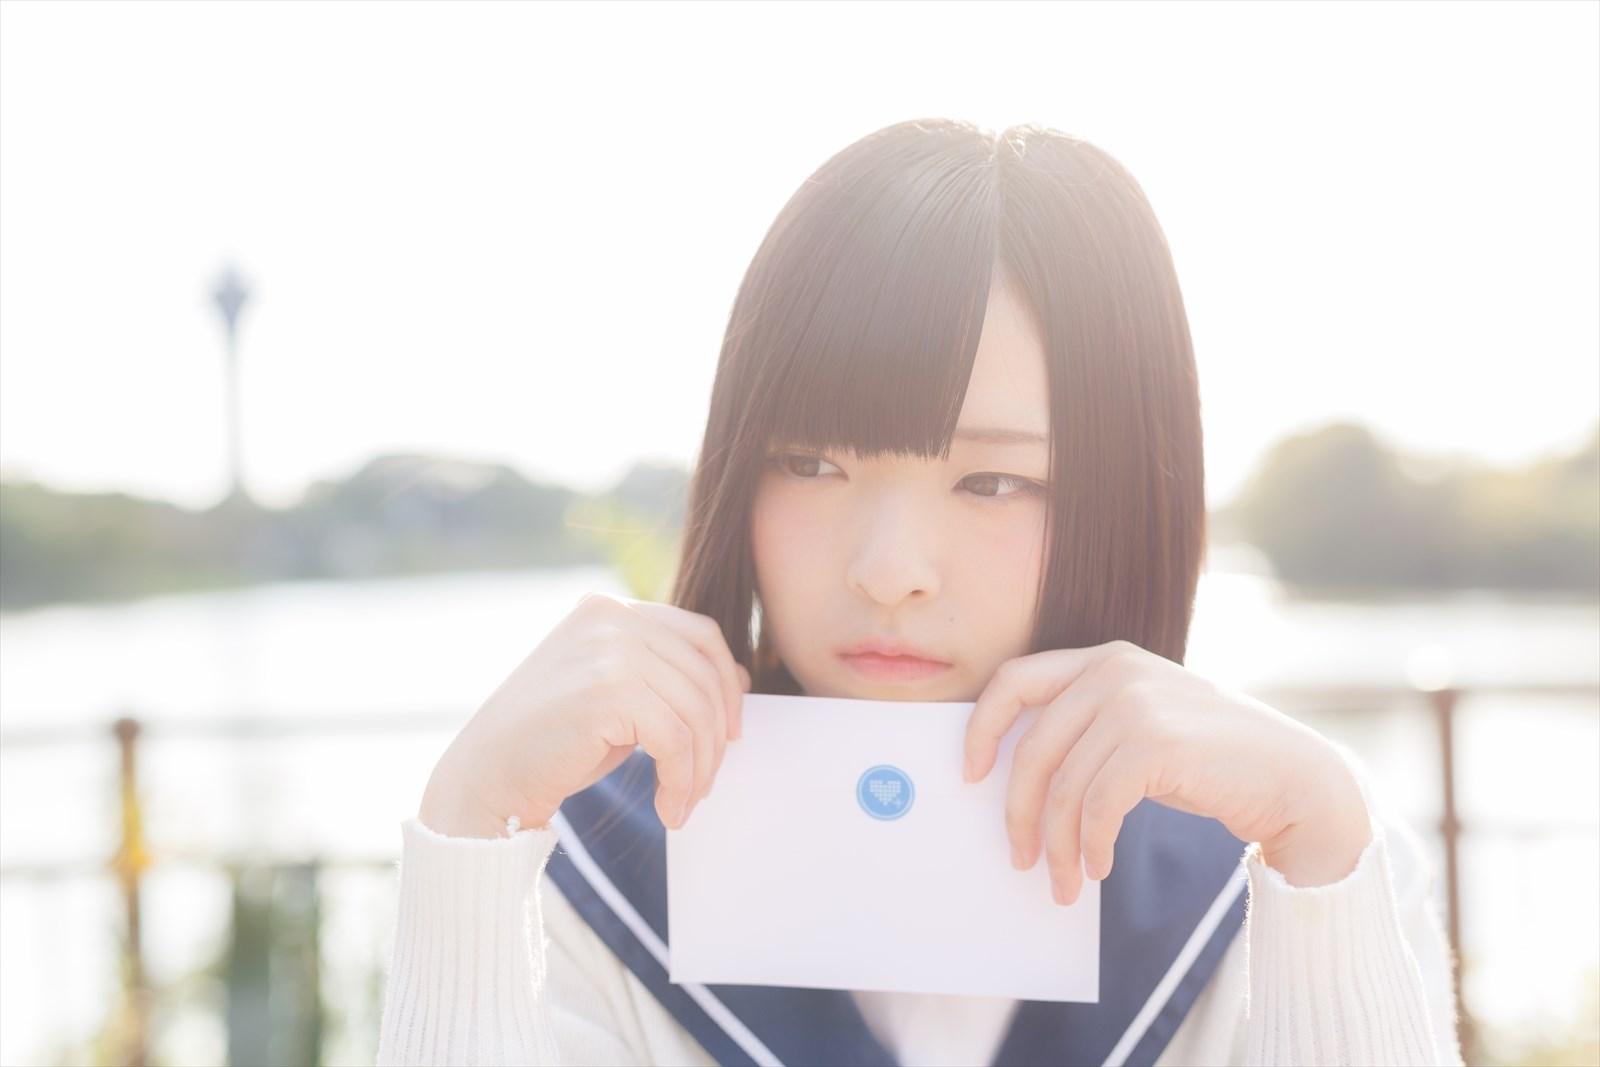 【兔玩映画】学妹的情书 兔玩映画 第58张